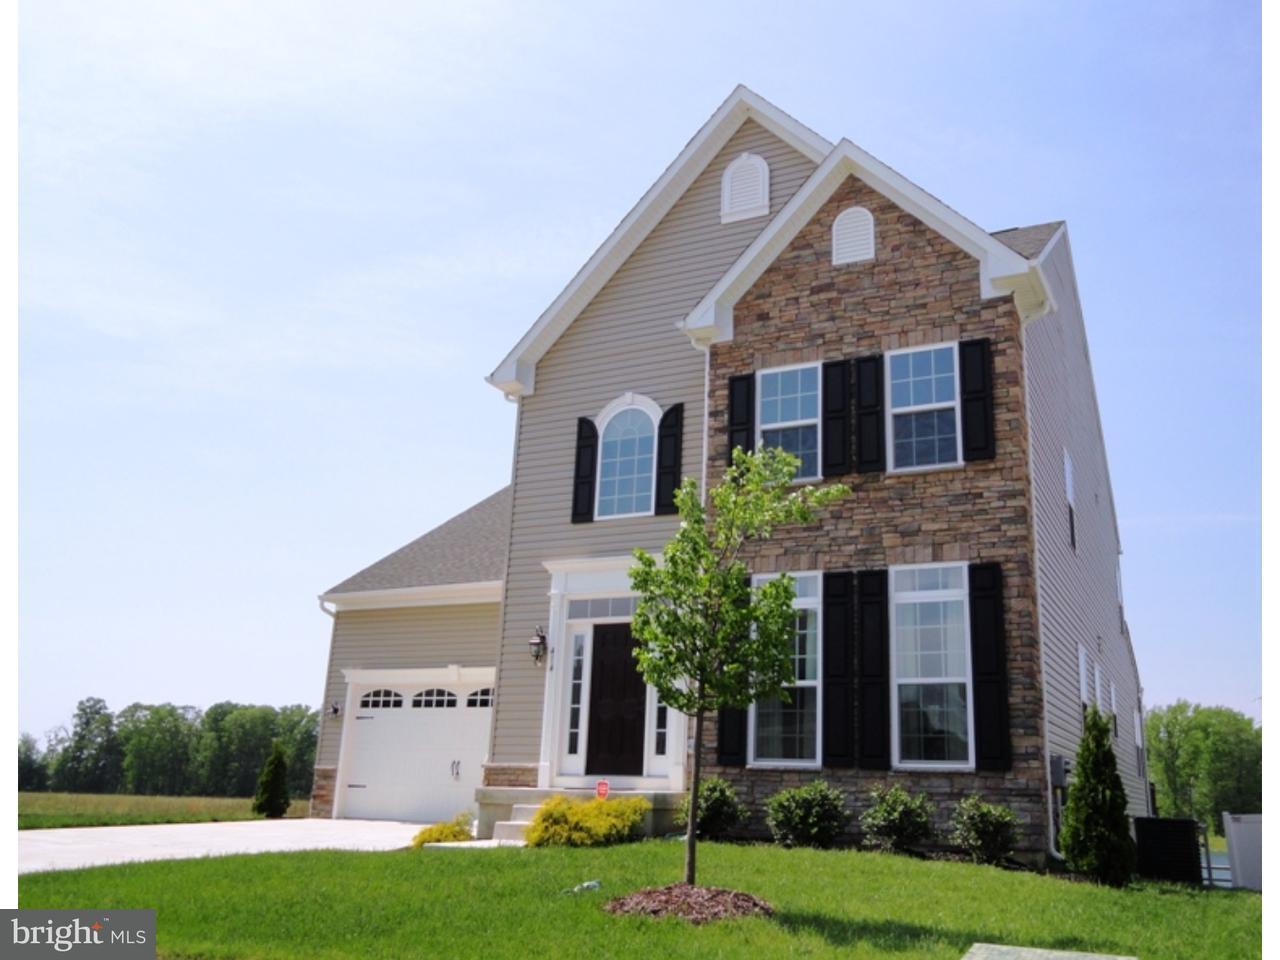 Enfamiljshus för Försäljning vid 414 CRISPIN WAY Glassboro, New Jersey 08028 Usa